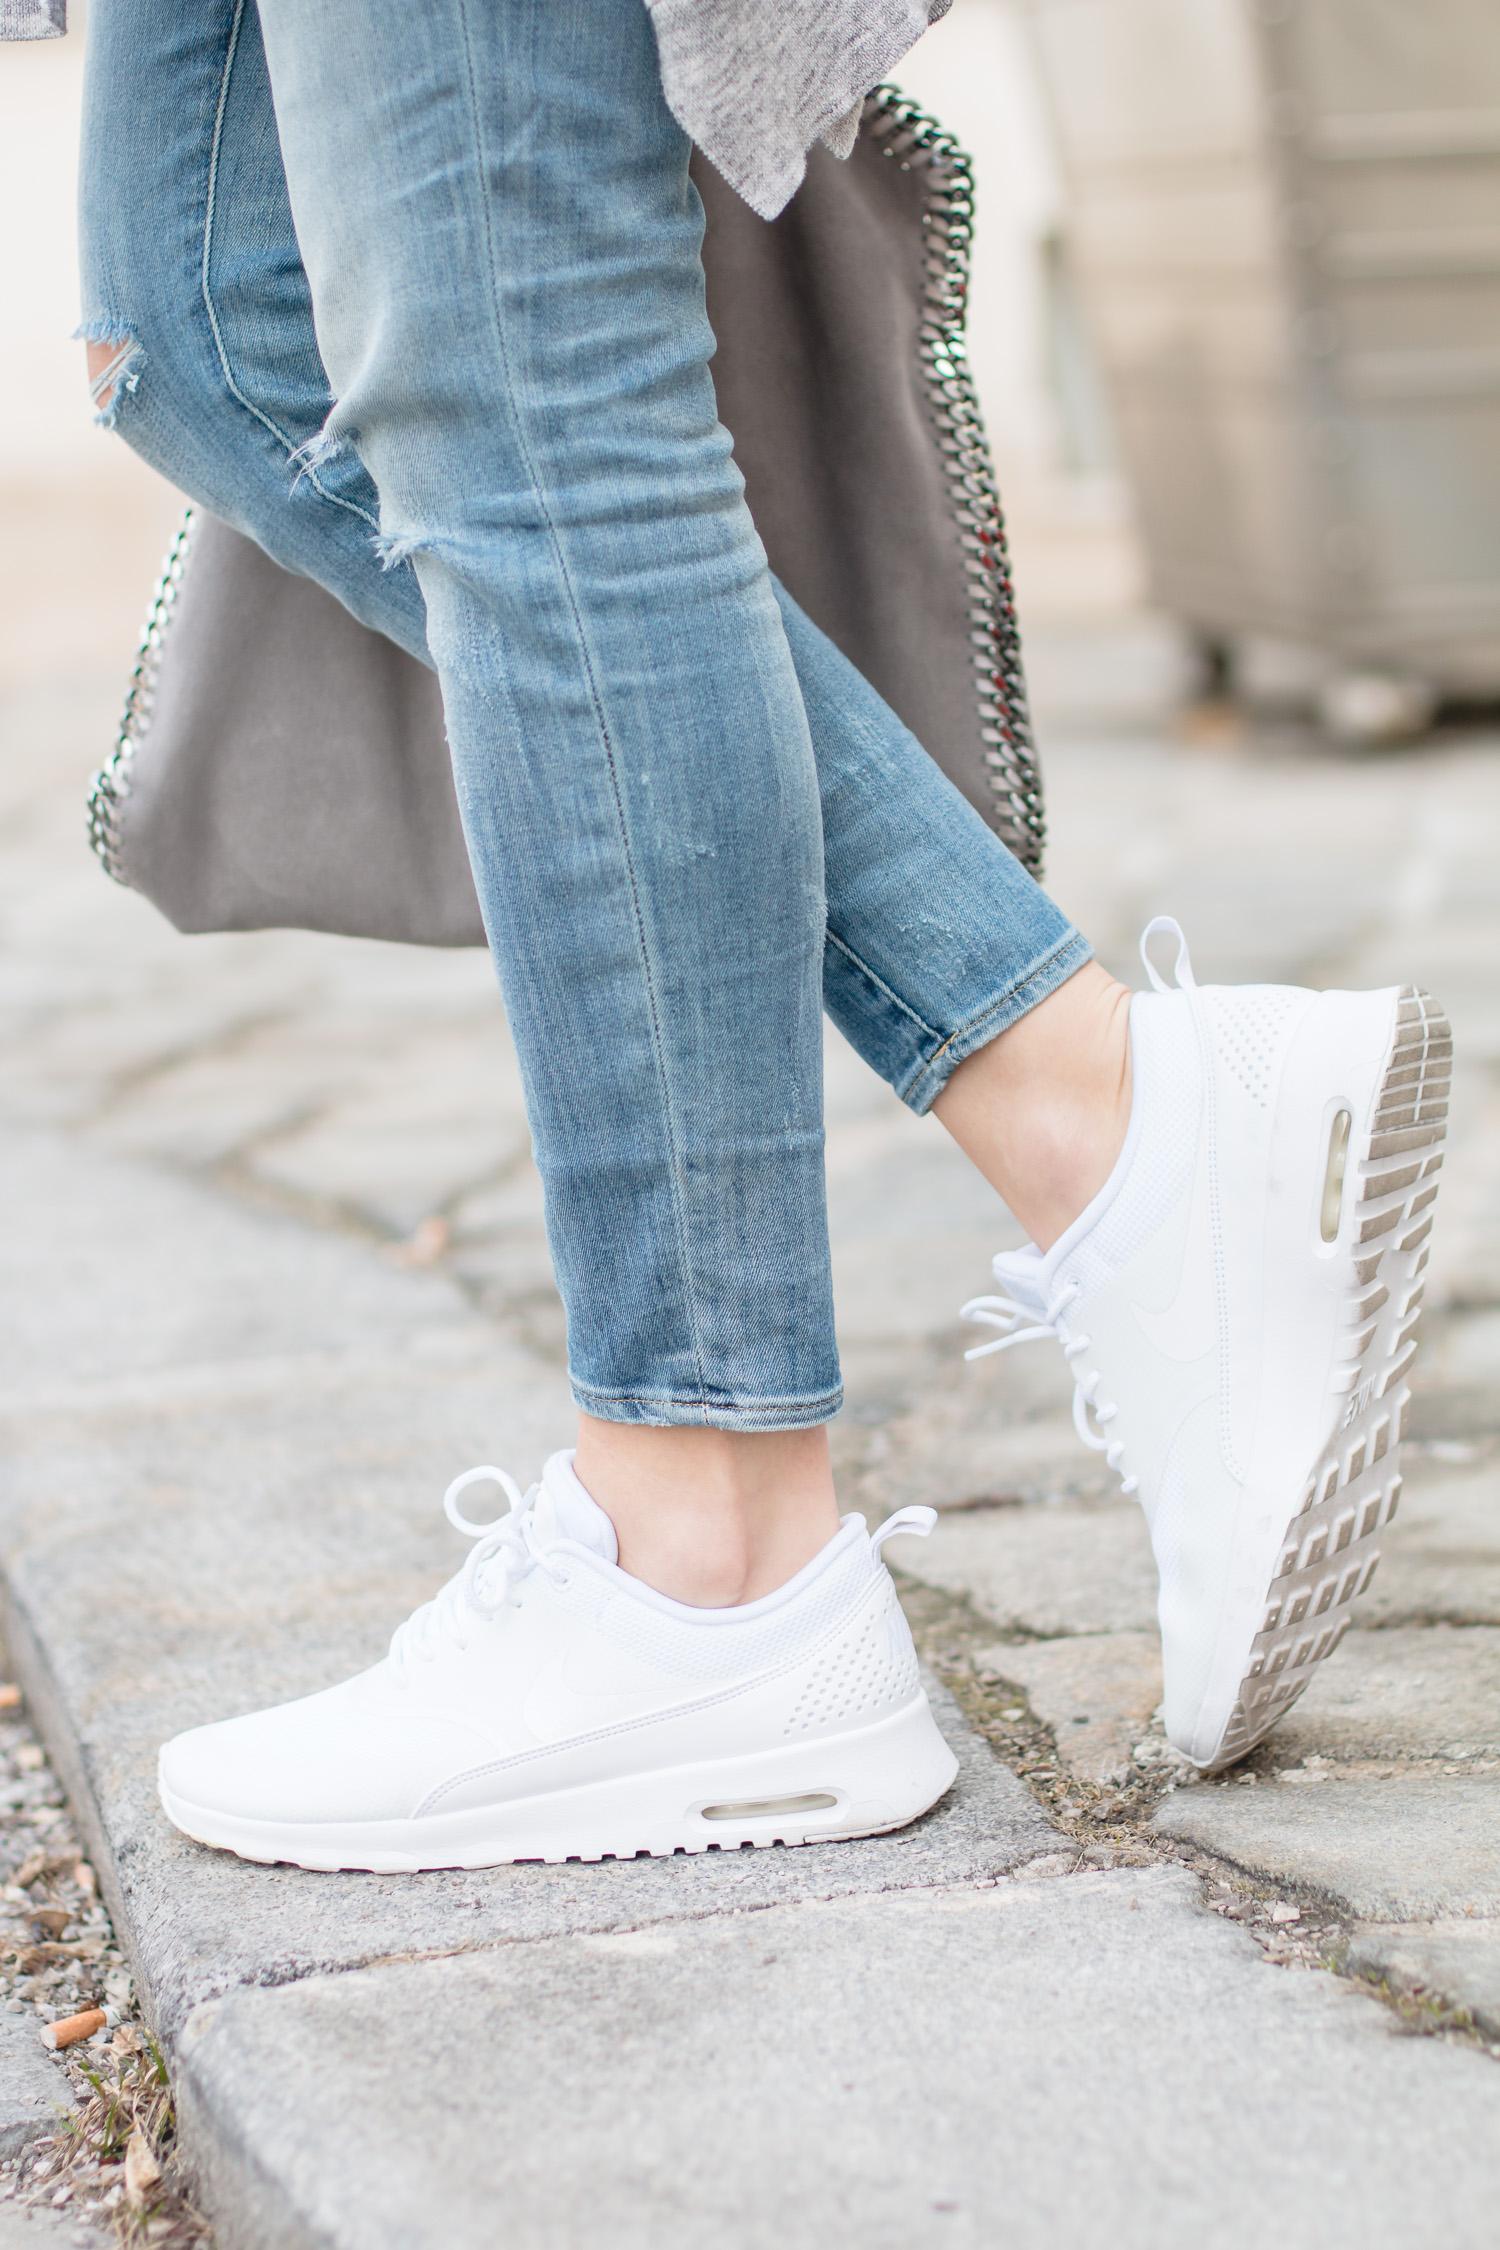 Nike-Airmax-Thea-All-White-2